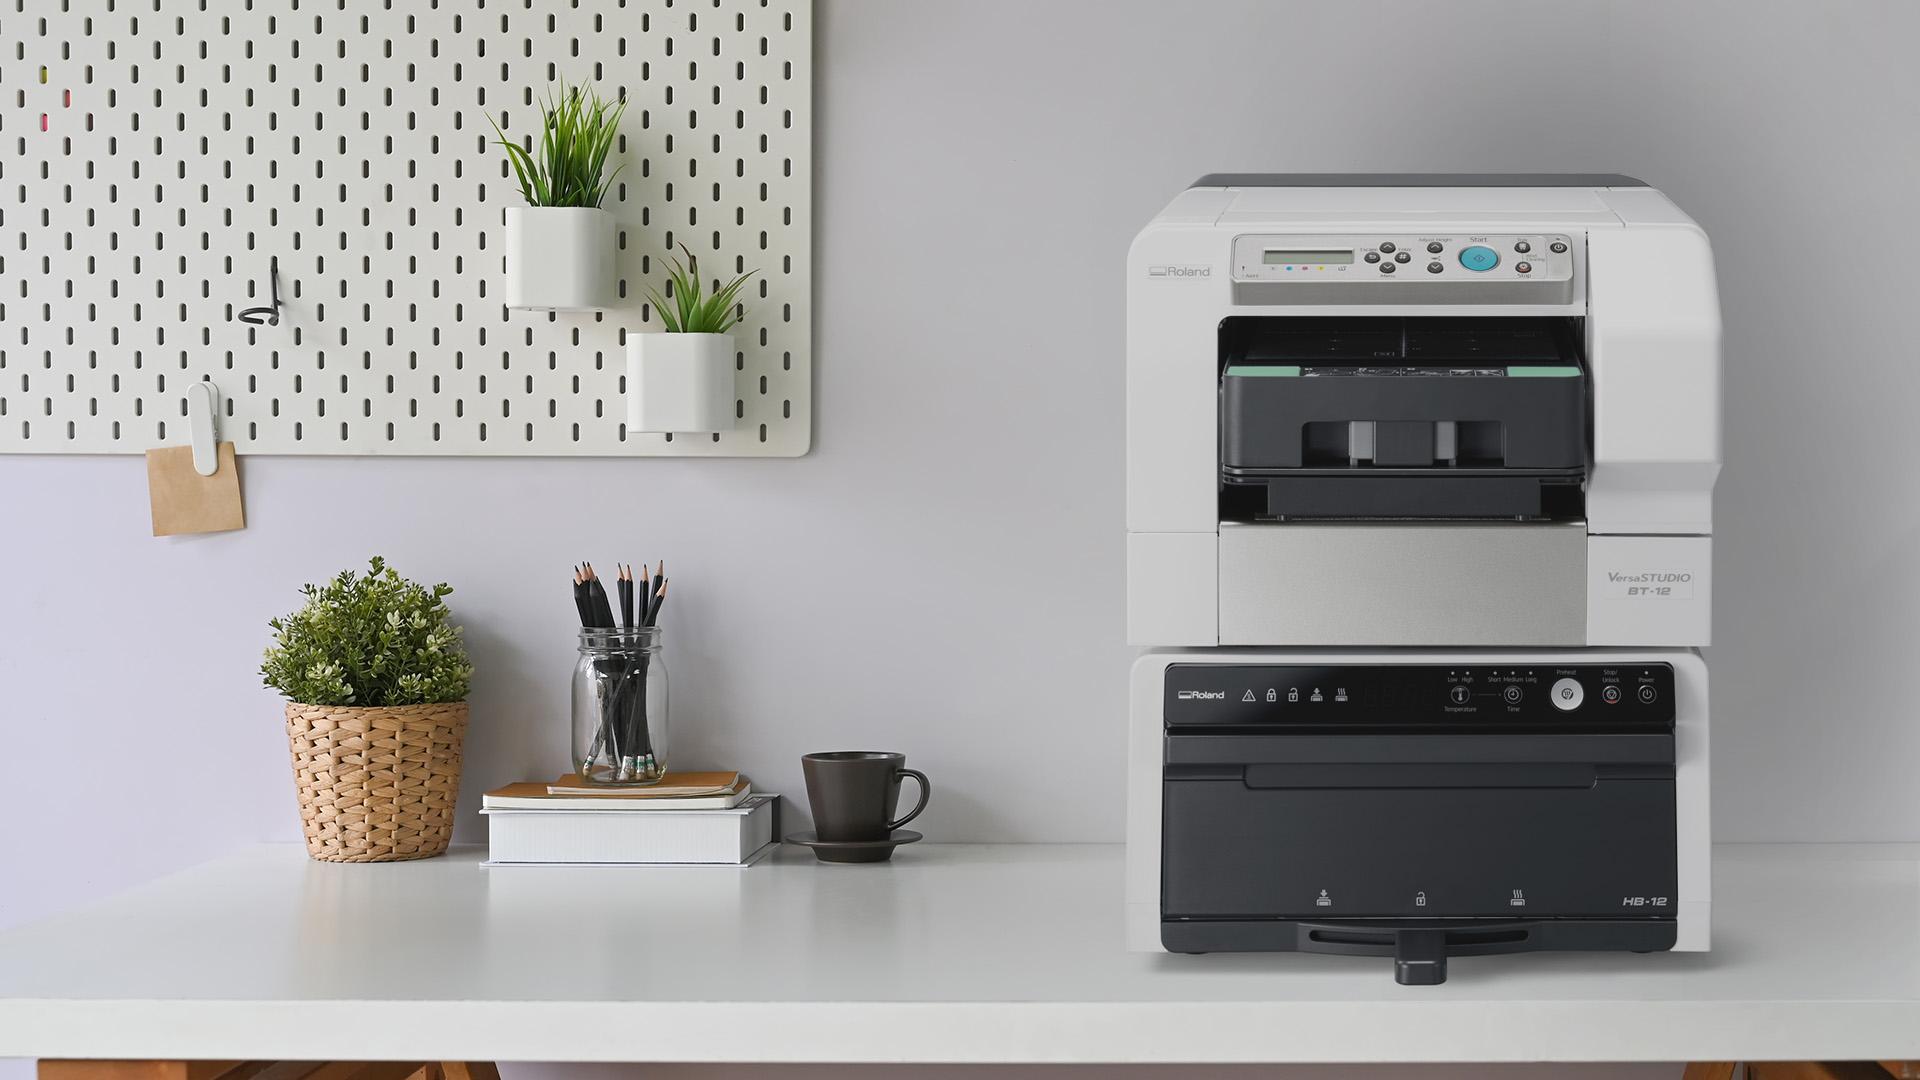 Roland DG VersaStudio BT-12 direct-to-garment printer - PaperSpecs